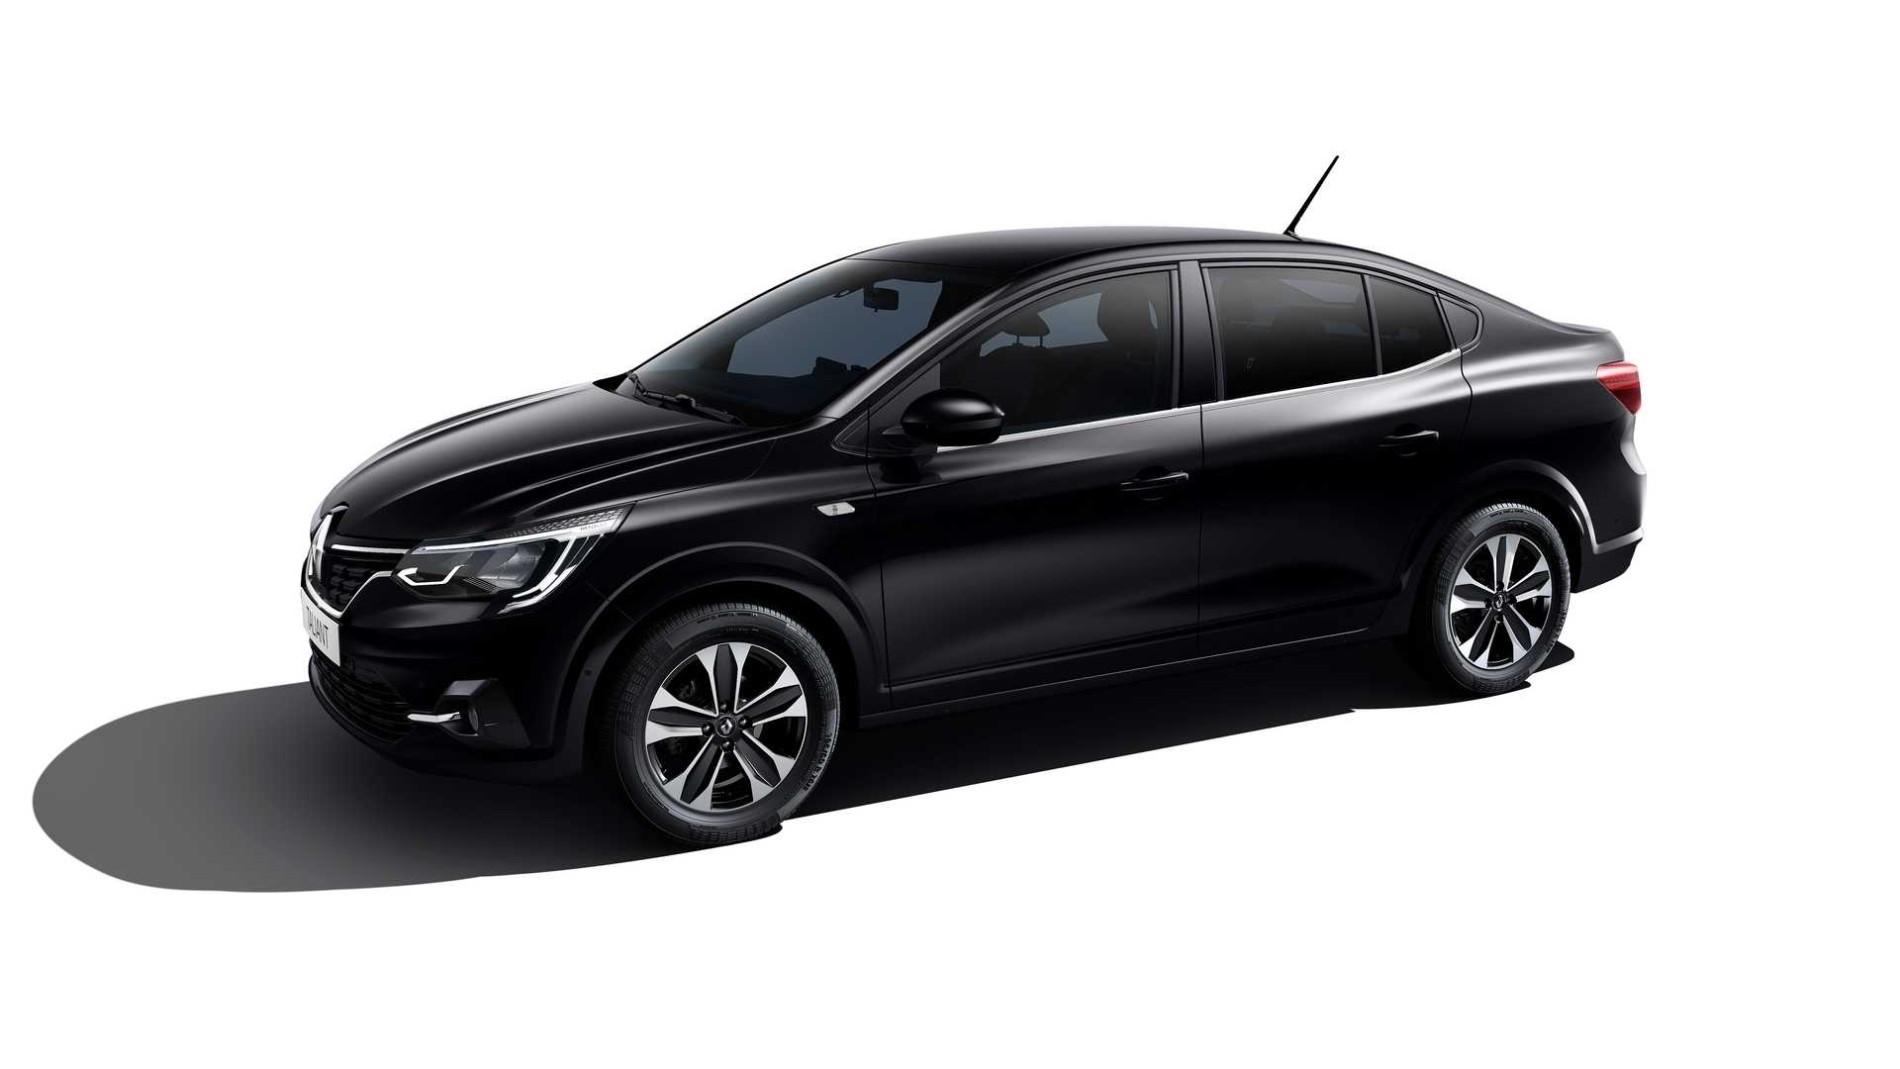 Renault Taliant - Renault Taliant